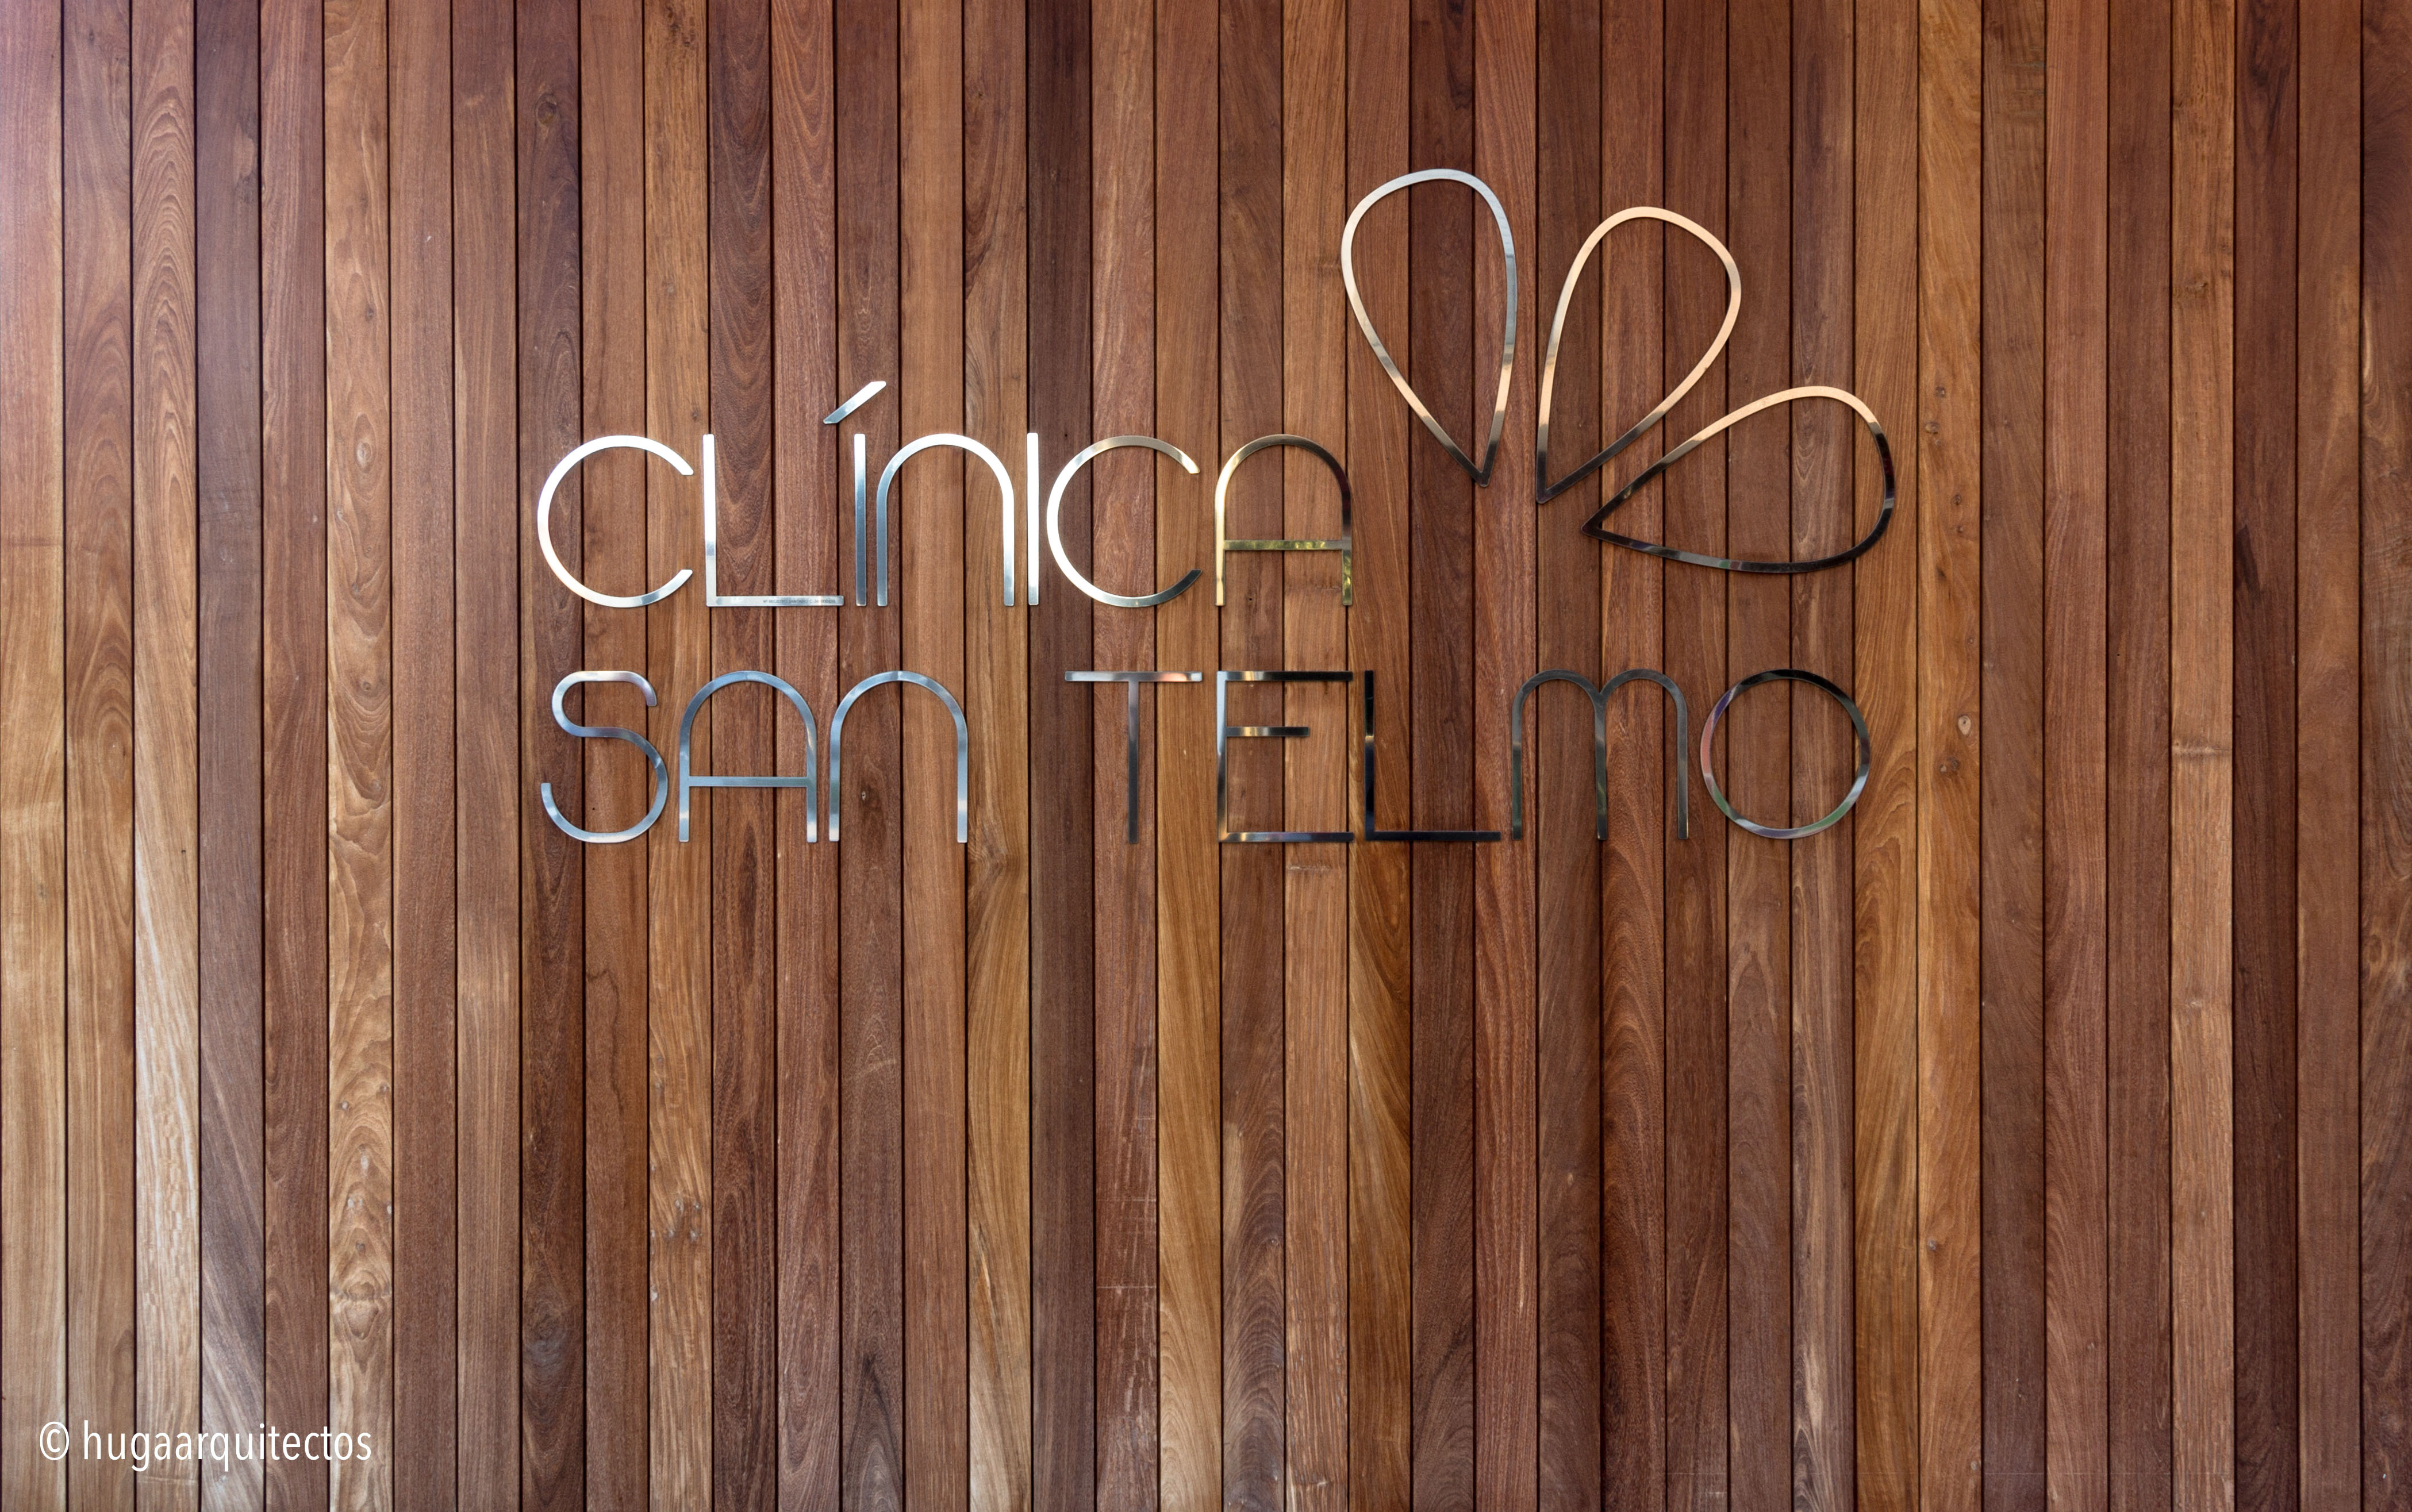 CLINICA SAN TELMO